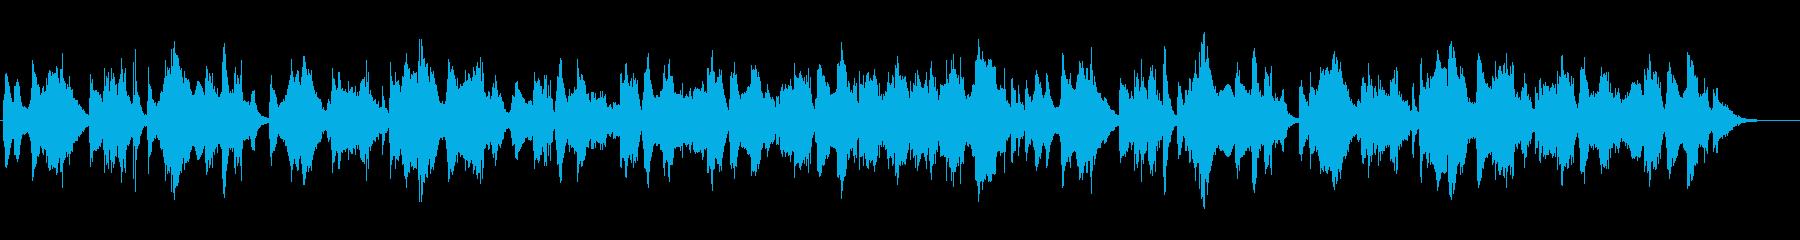 春の星空の様にクールでネイチャー系BGMの再生済みの波形